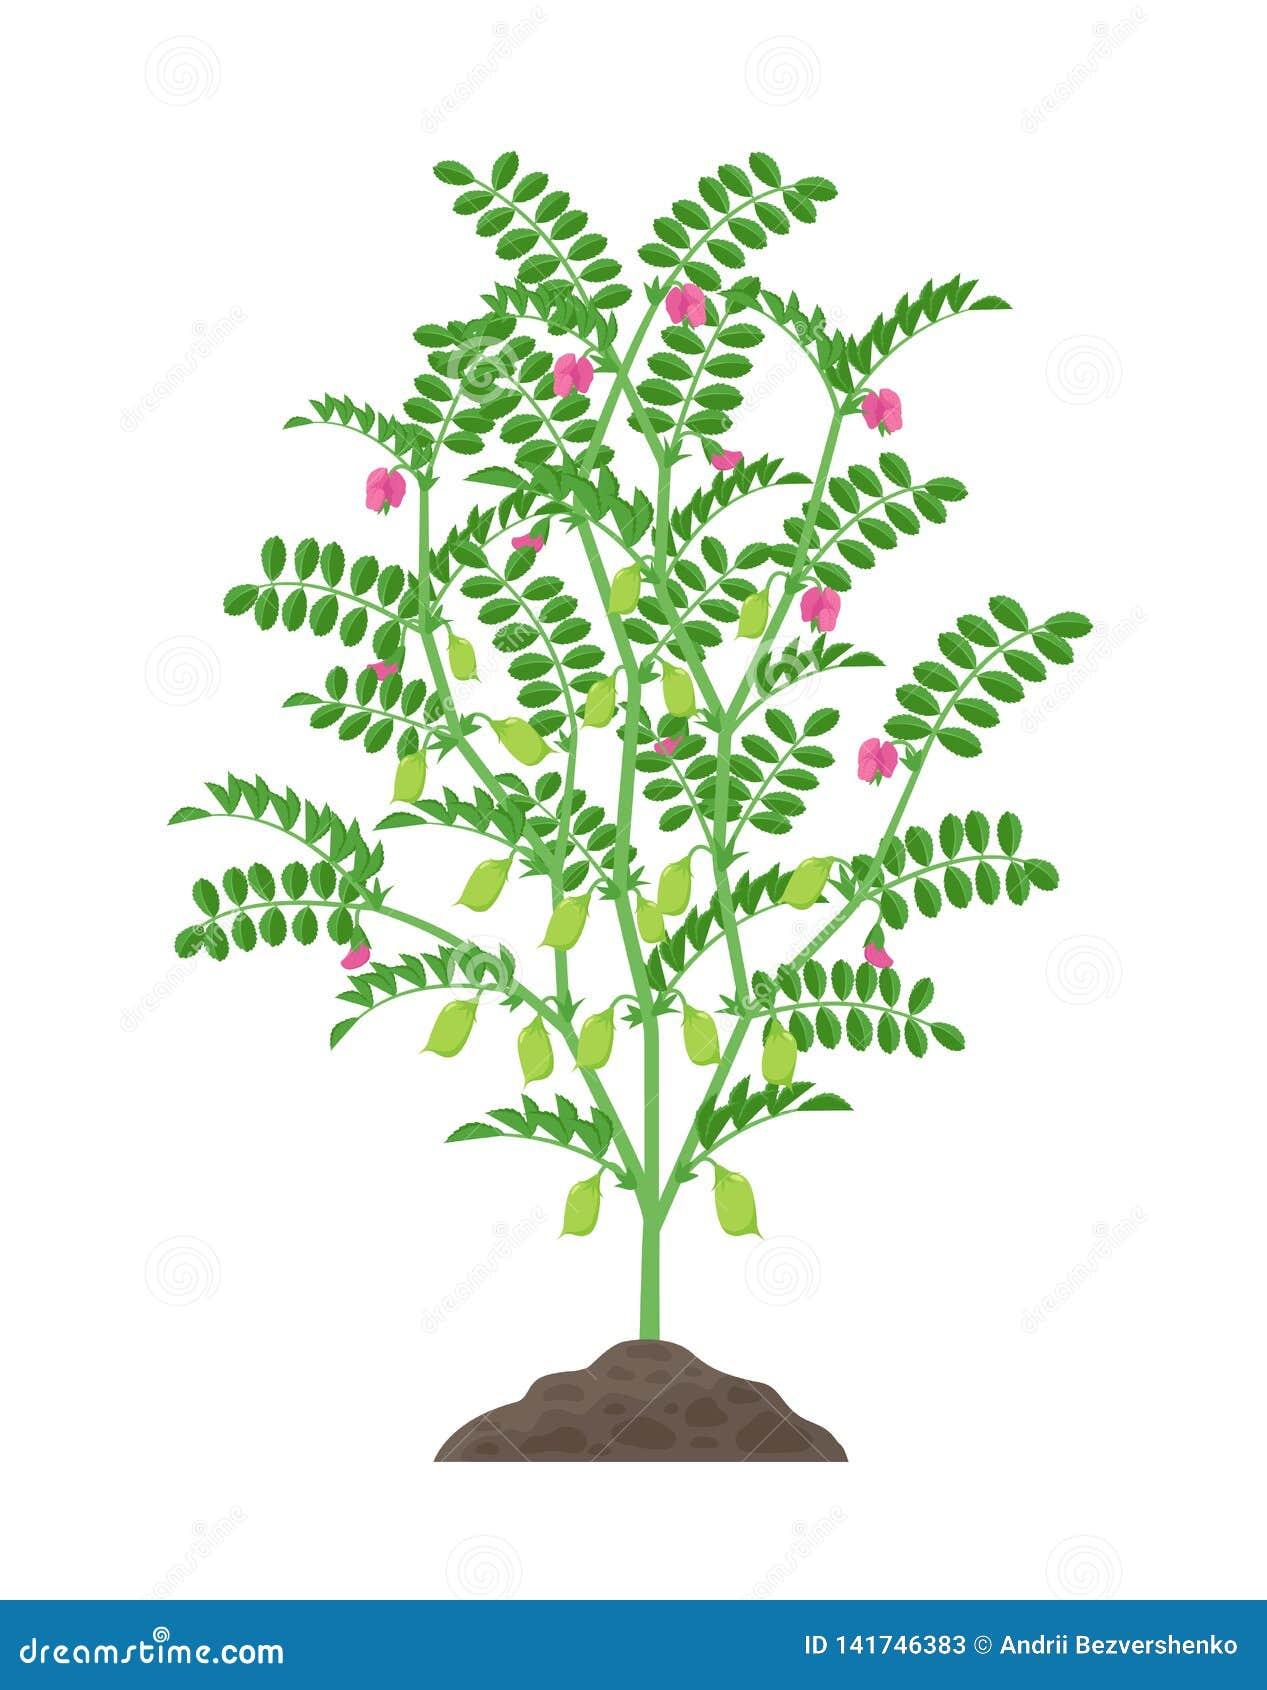 Ilustração do vetor da planta de grão-de-bico isolada no fundo branco Florescência do grão-de-bico e planta frutífero com verde